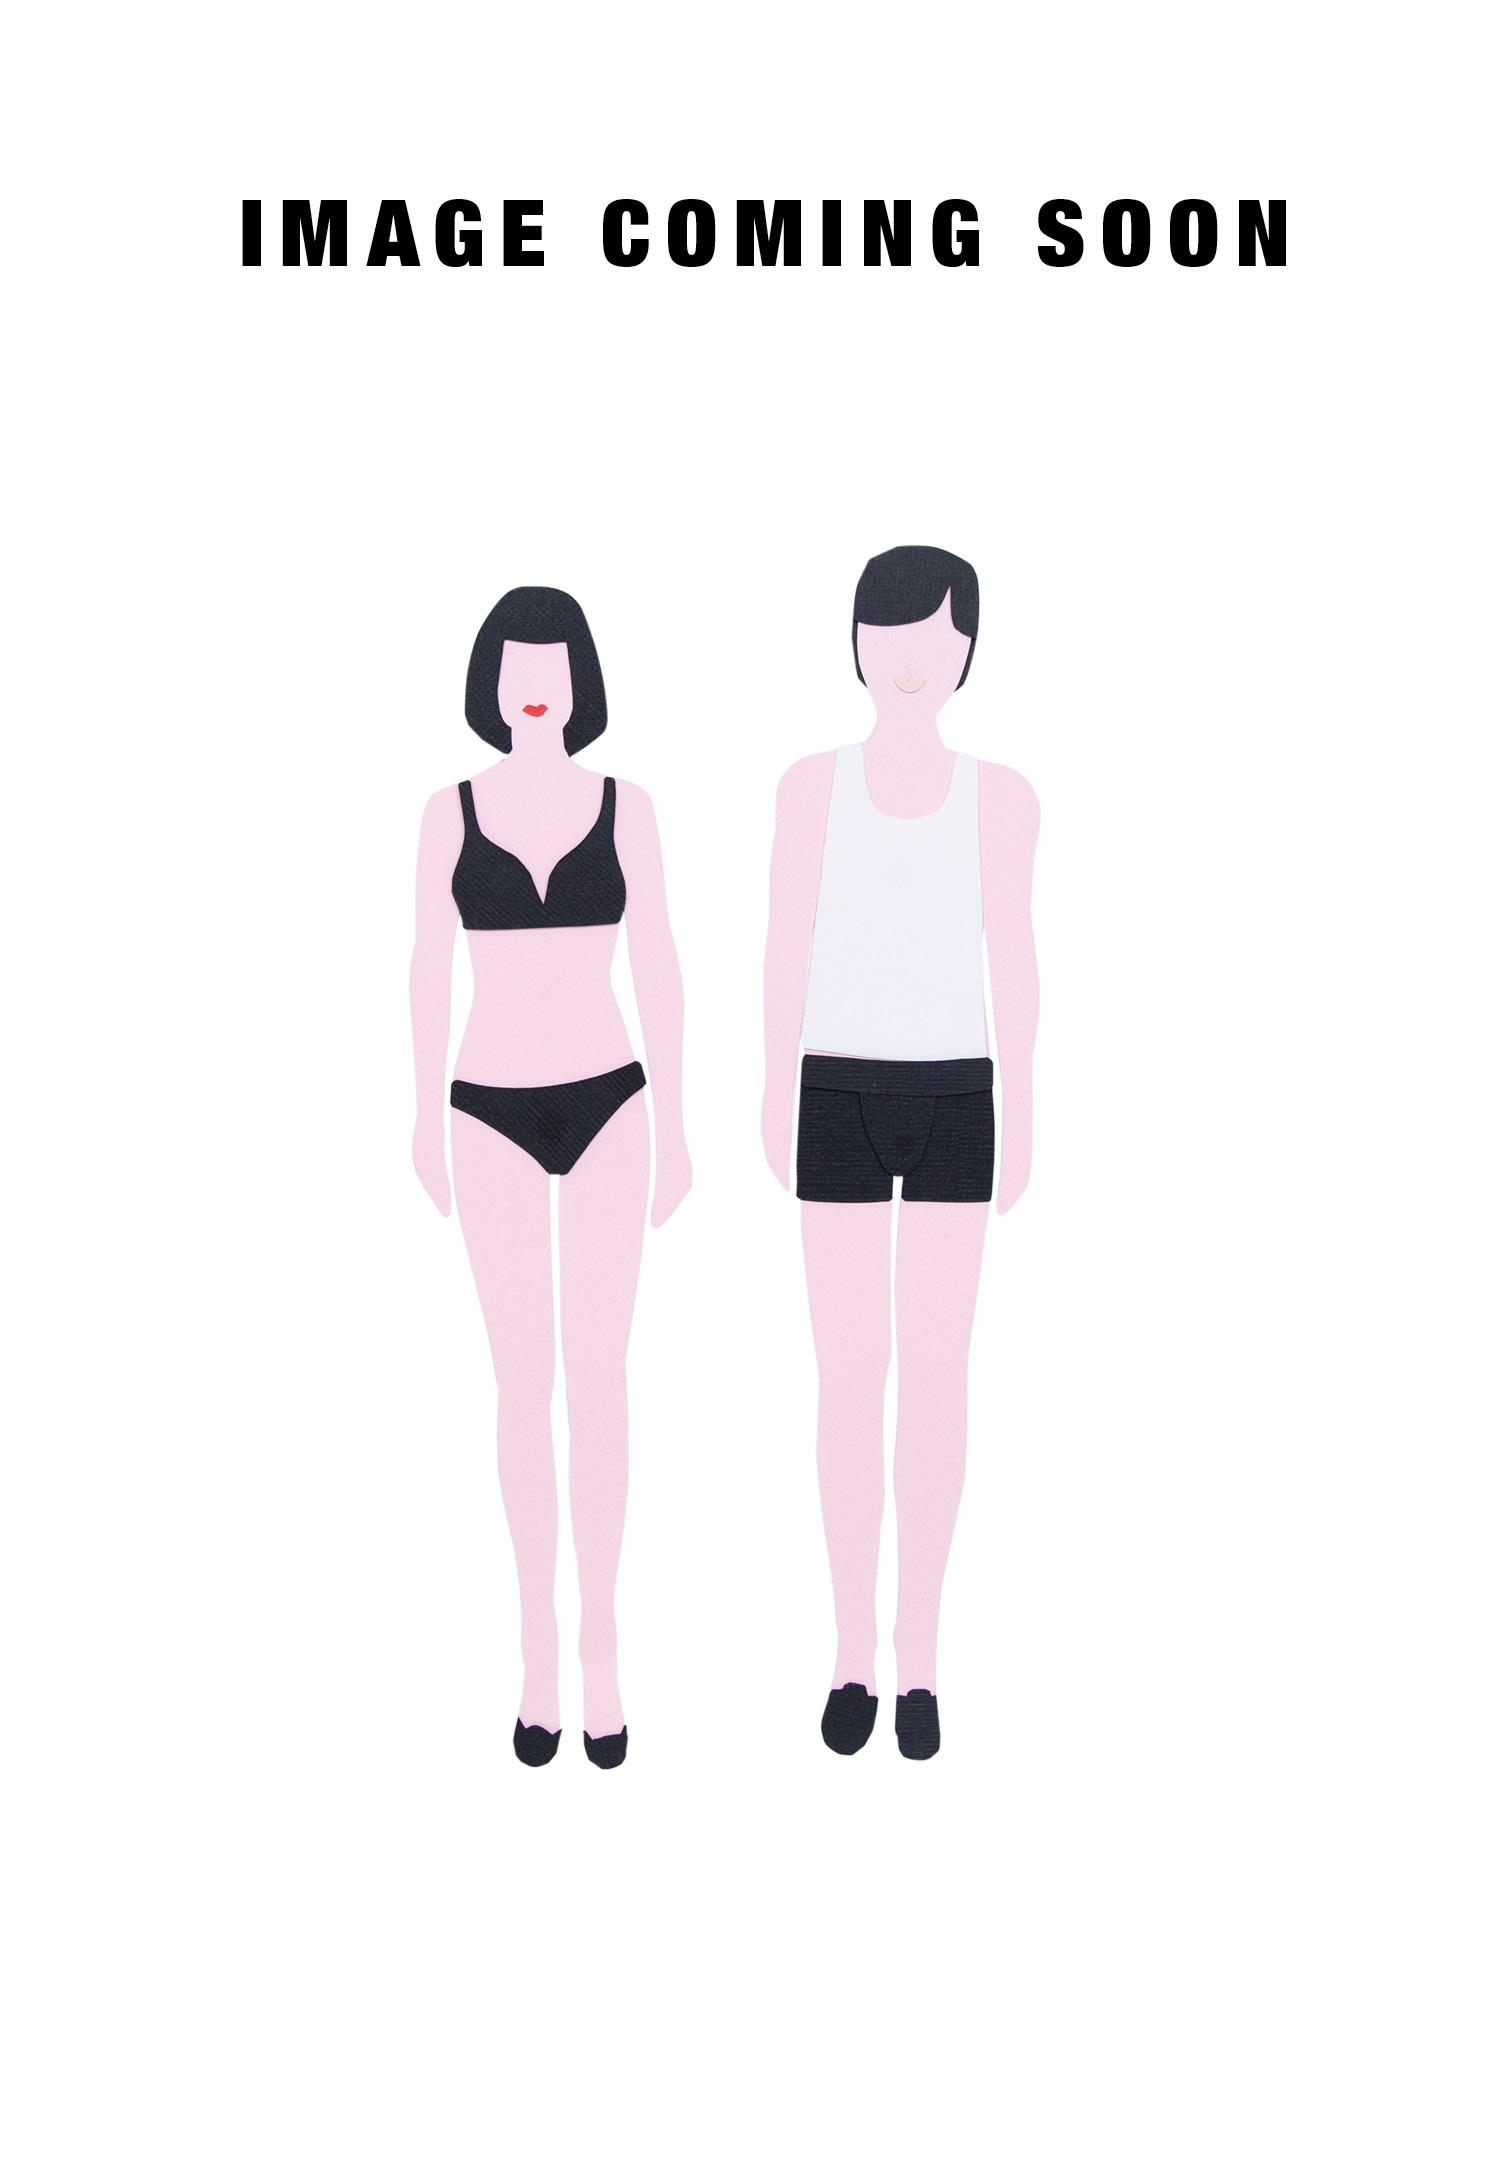 Skiny_Basic_M_Sloungewear_shorts_086806_087665_060.jpg